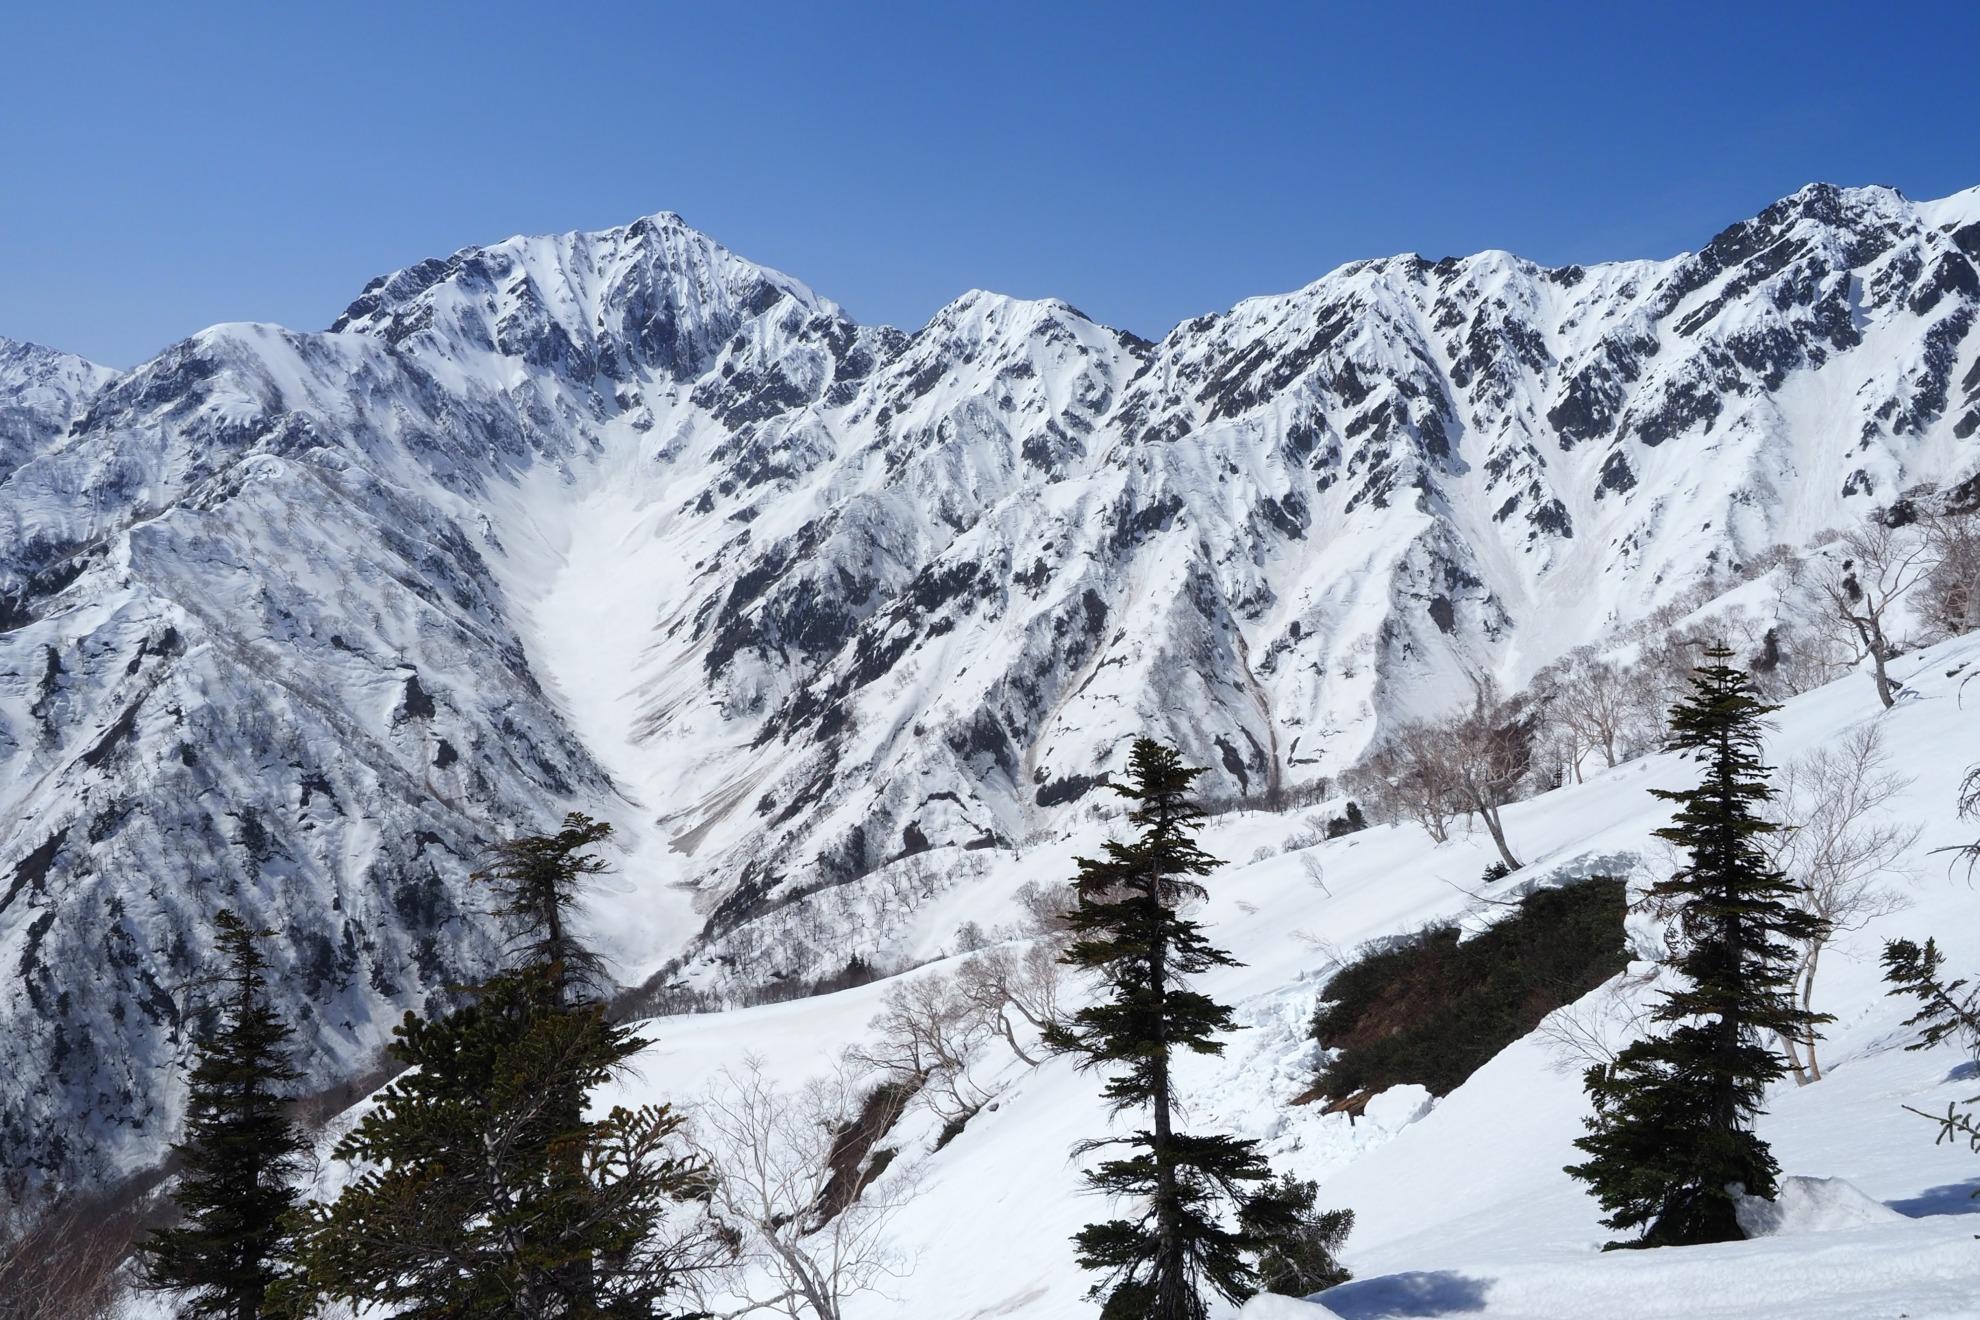 雪山の鹿島槍ヶ岳とカクネ里雪渓